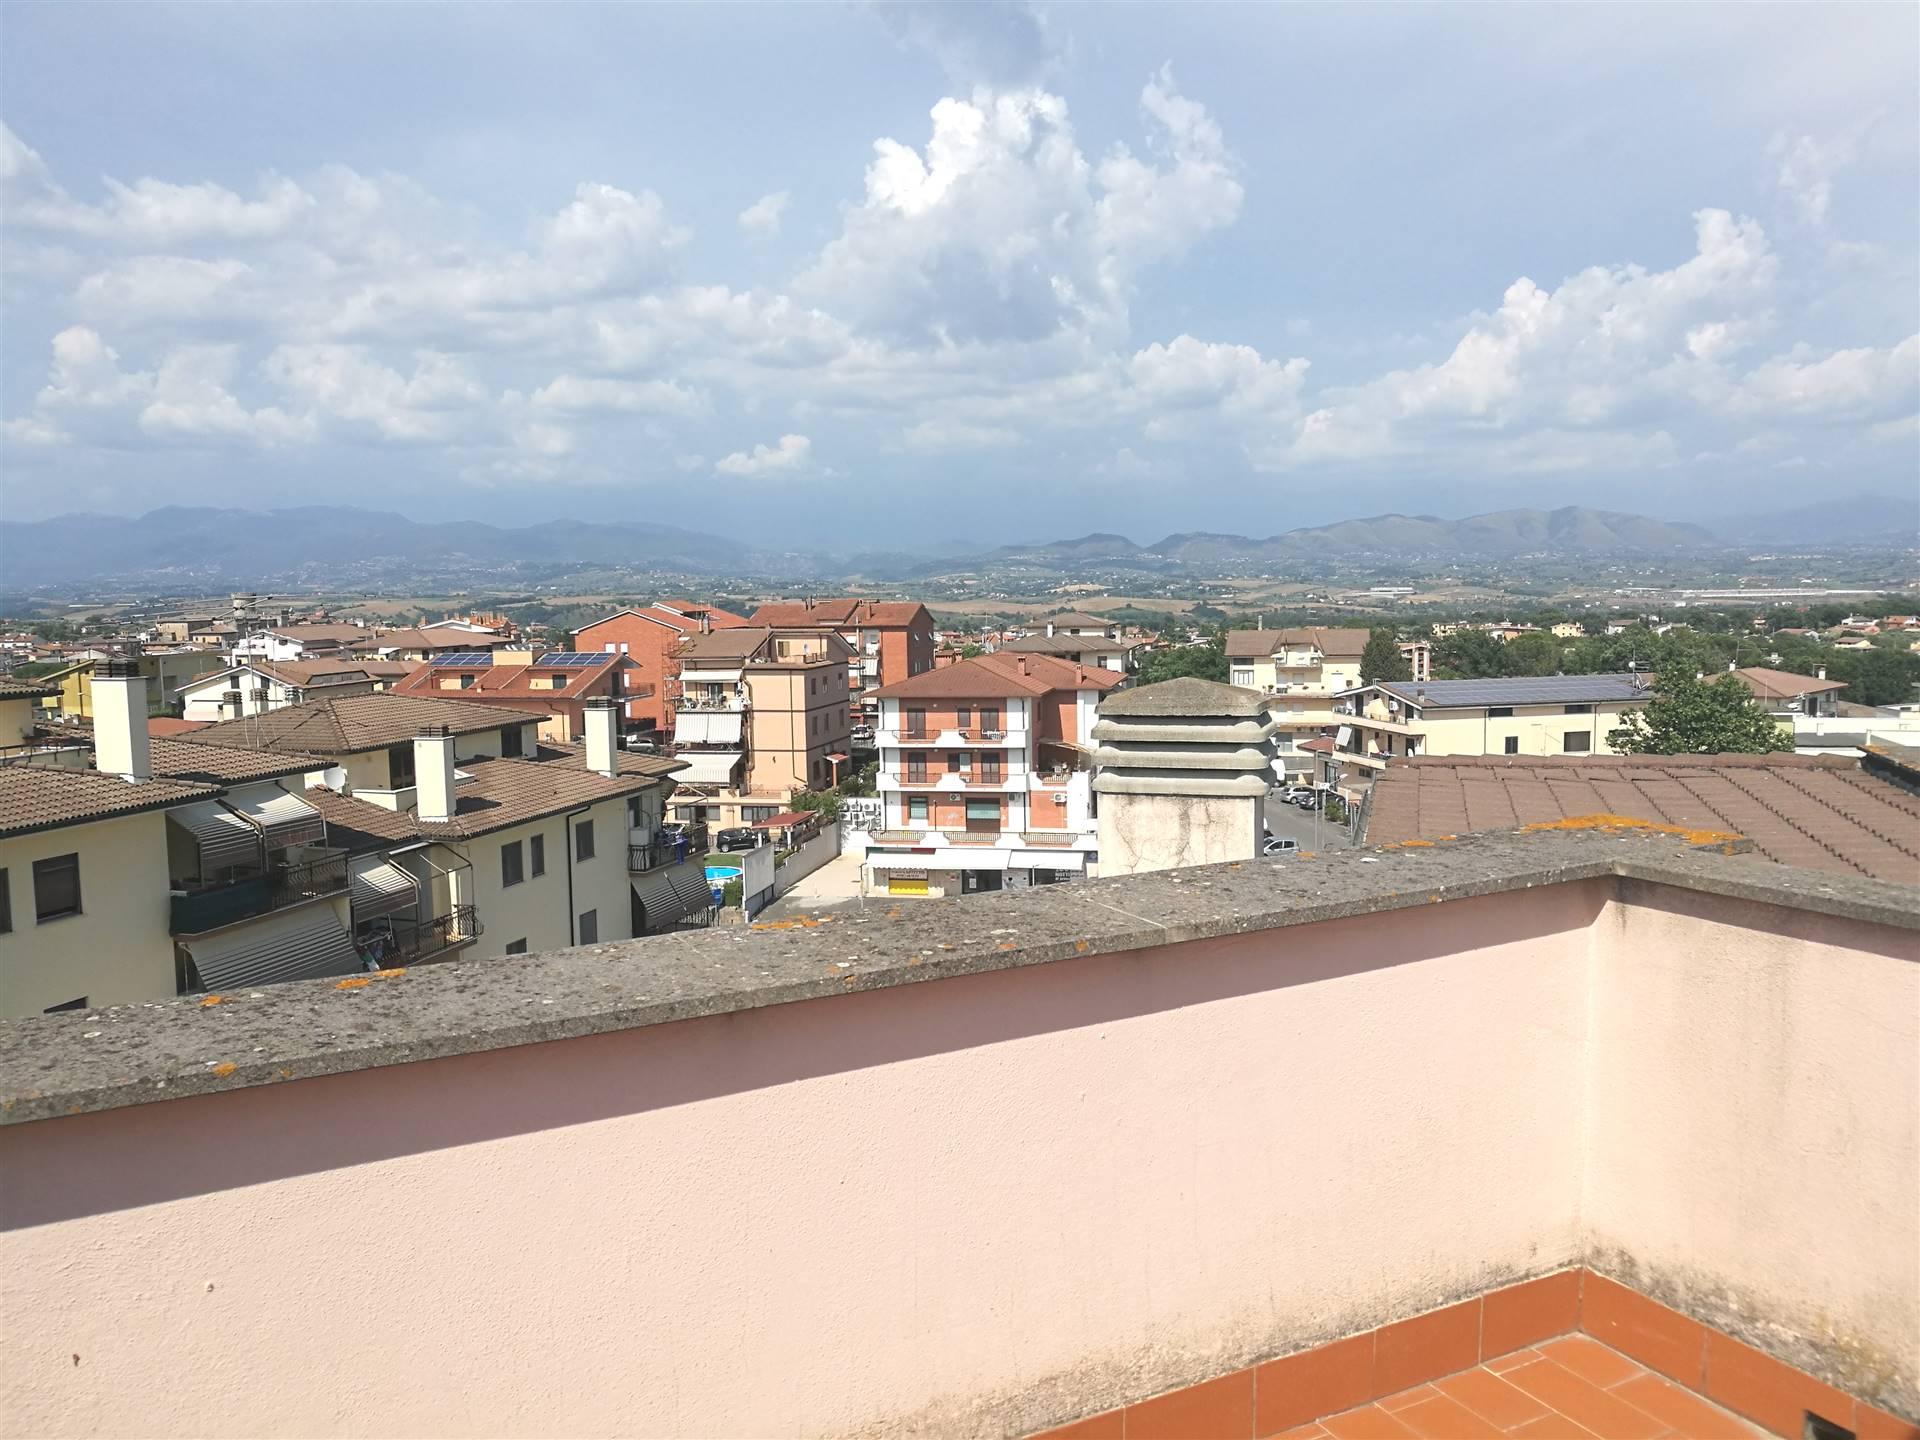 Appartamento in vendita a Fiano Romano, 3 locali, zona Località: CENTRO, prezzo € 135.000   PortaleAgenzieImmobiliari.it